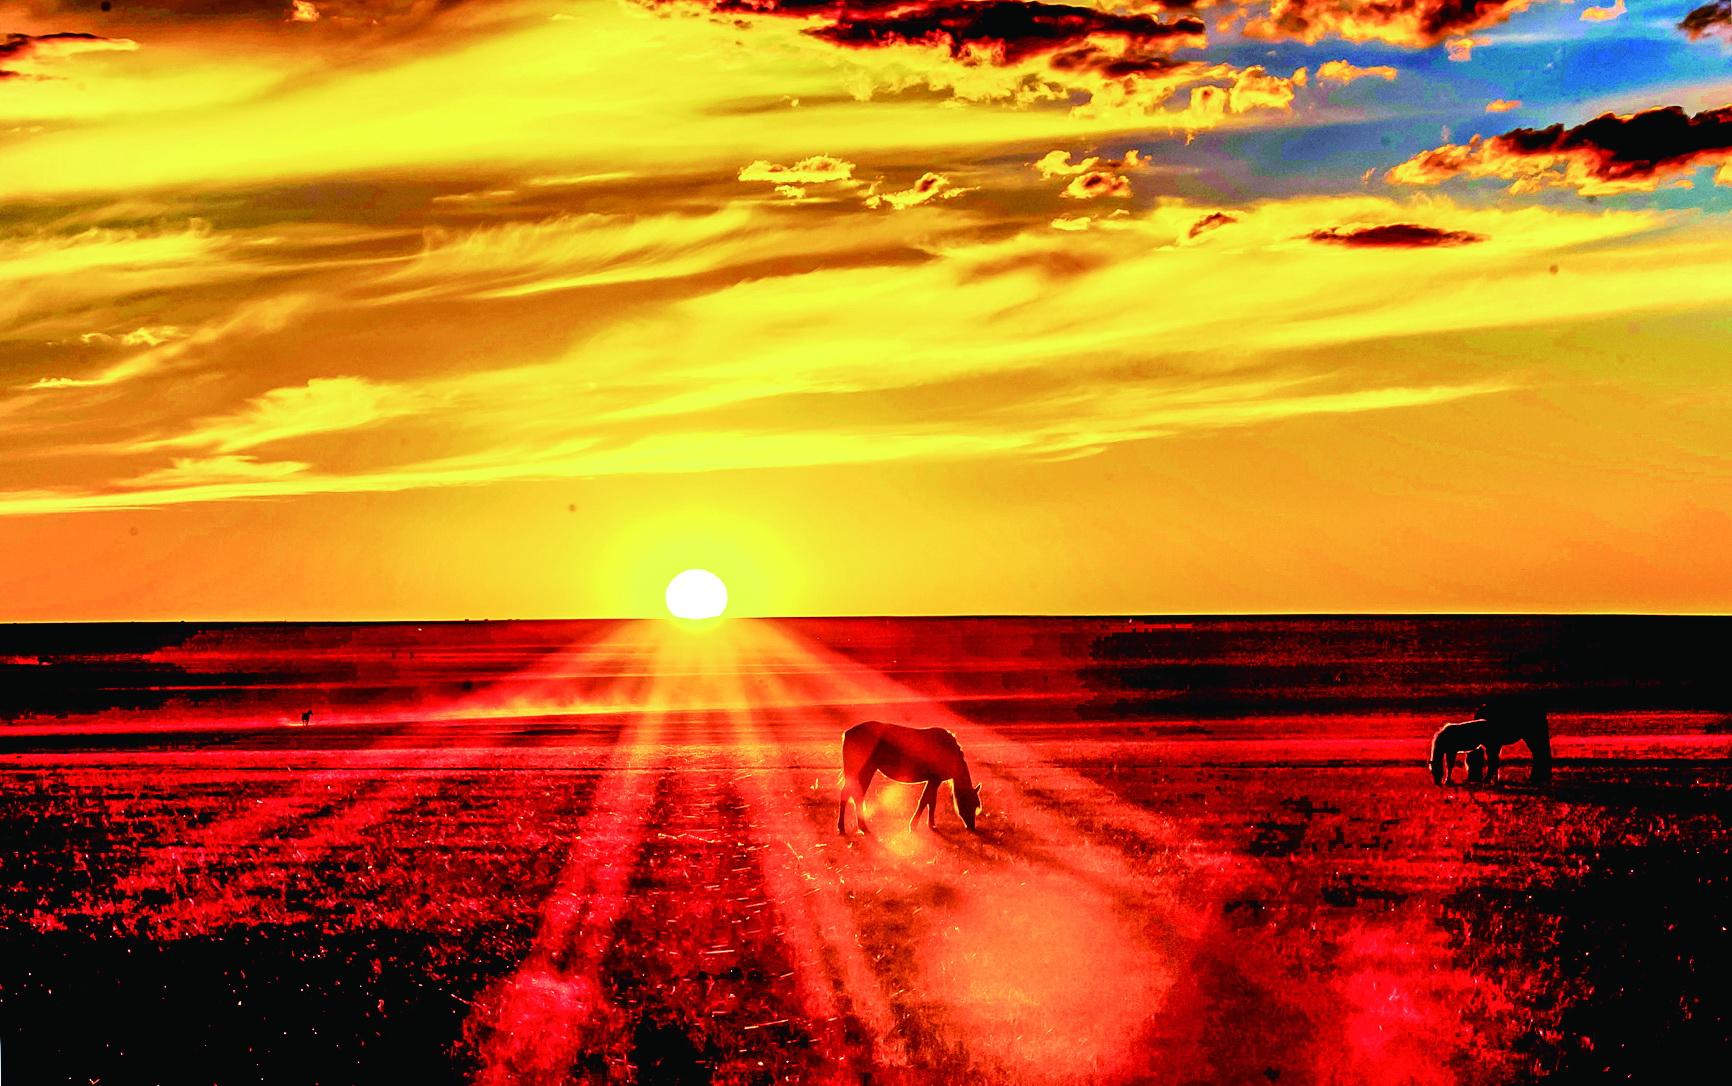 摄影作品:草原落日